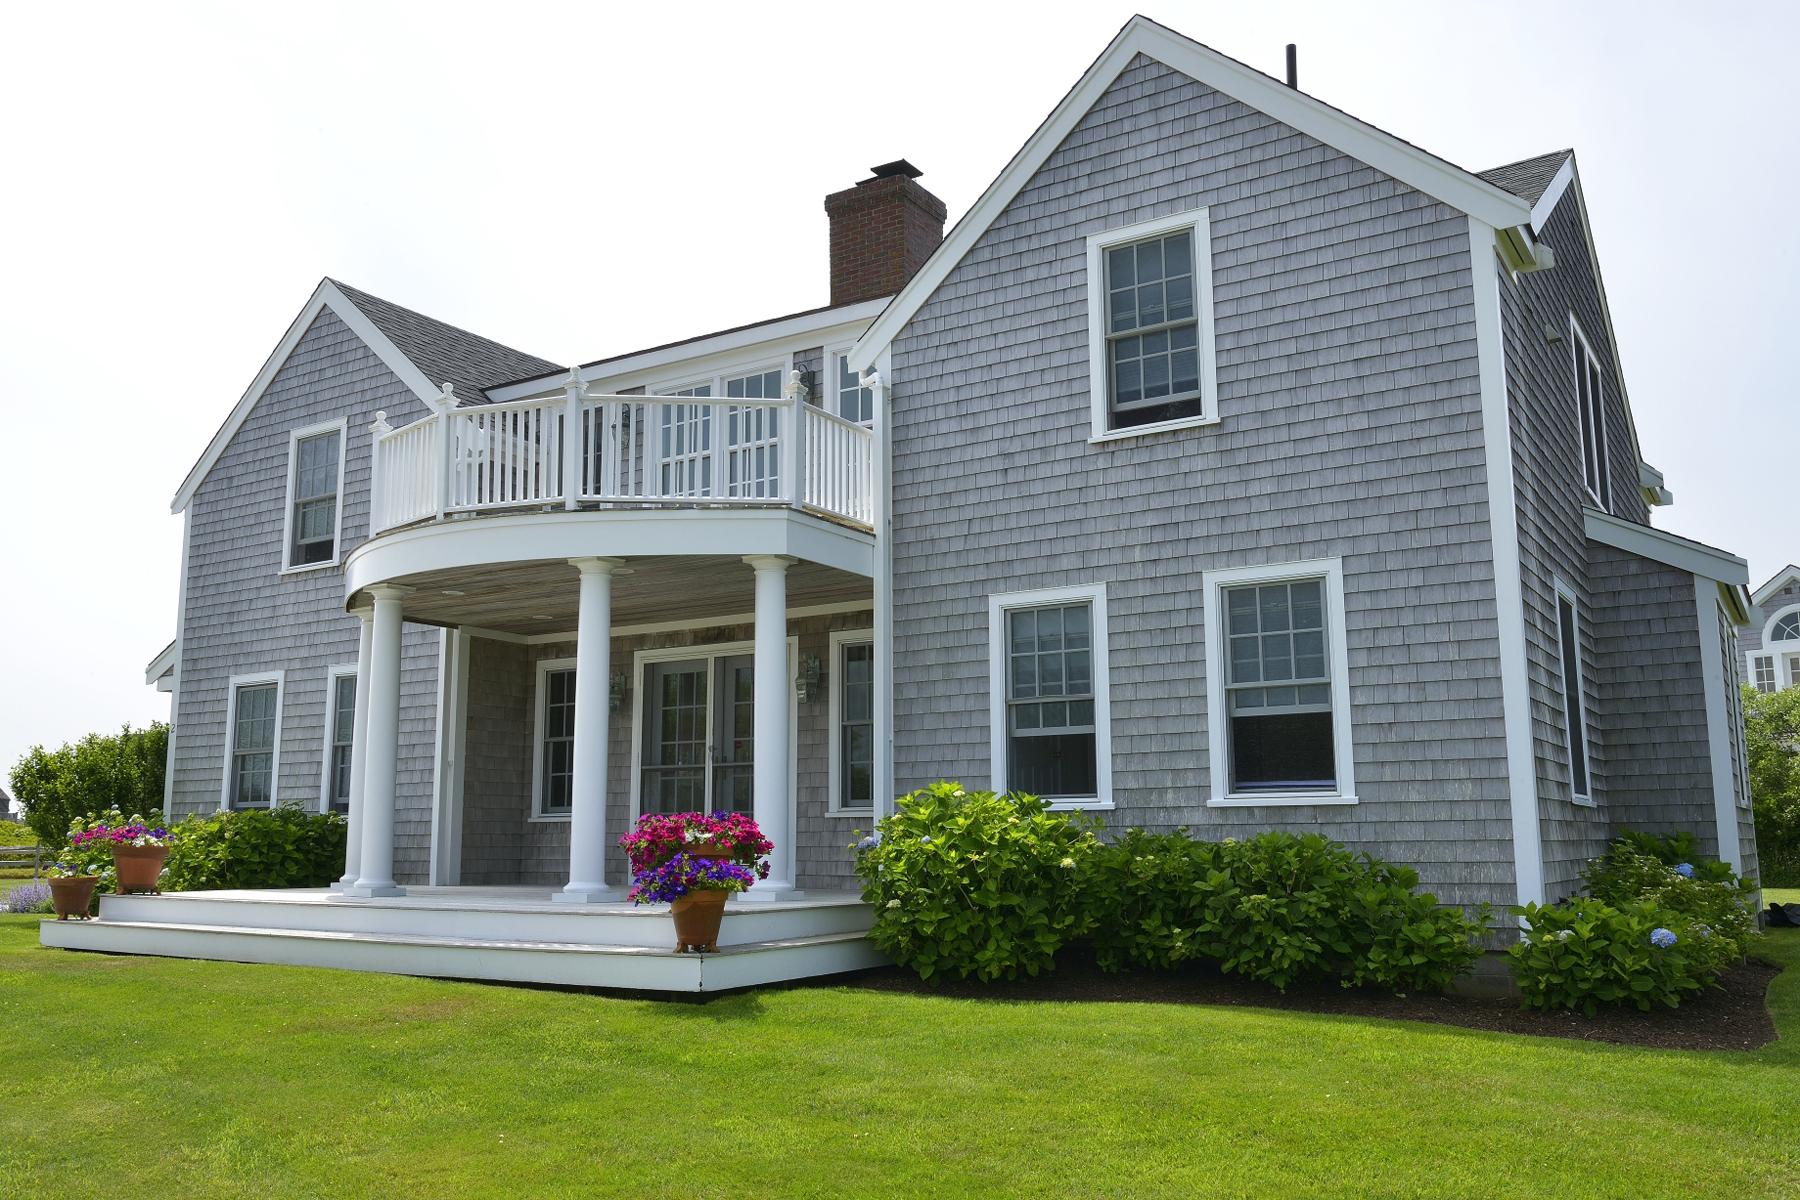 Частный односемейный дом для того Продажа на Cisco Beach House - Ideally Situated 2 Saccacha Avenue Nantucket, Массачусетс 02554 Соединенные Штаты